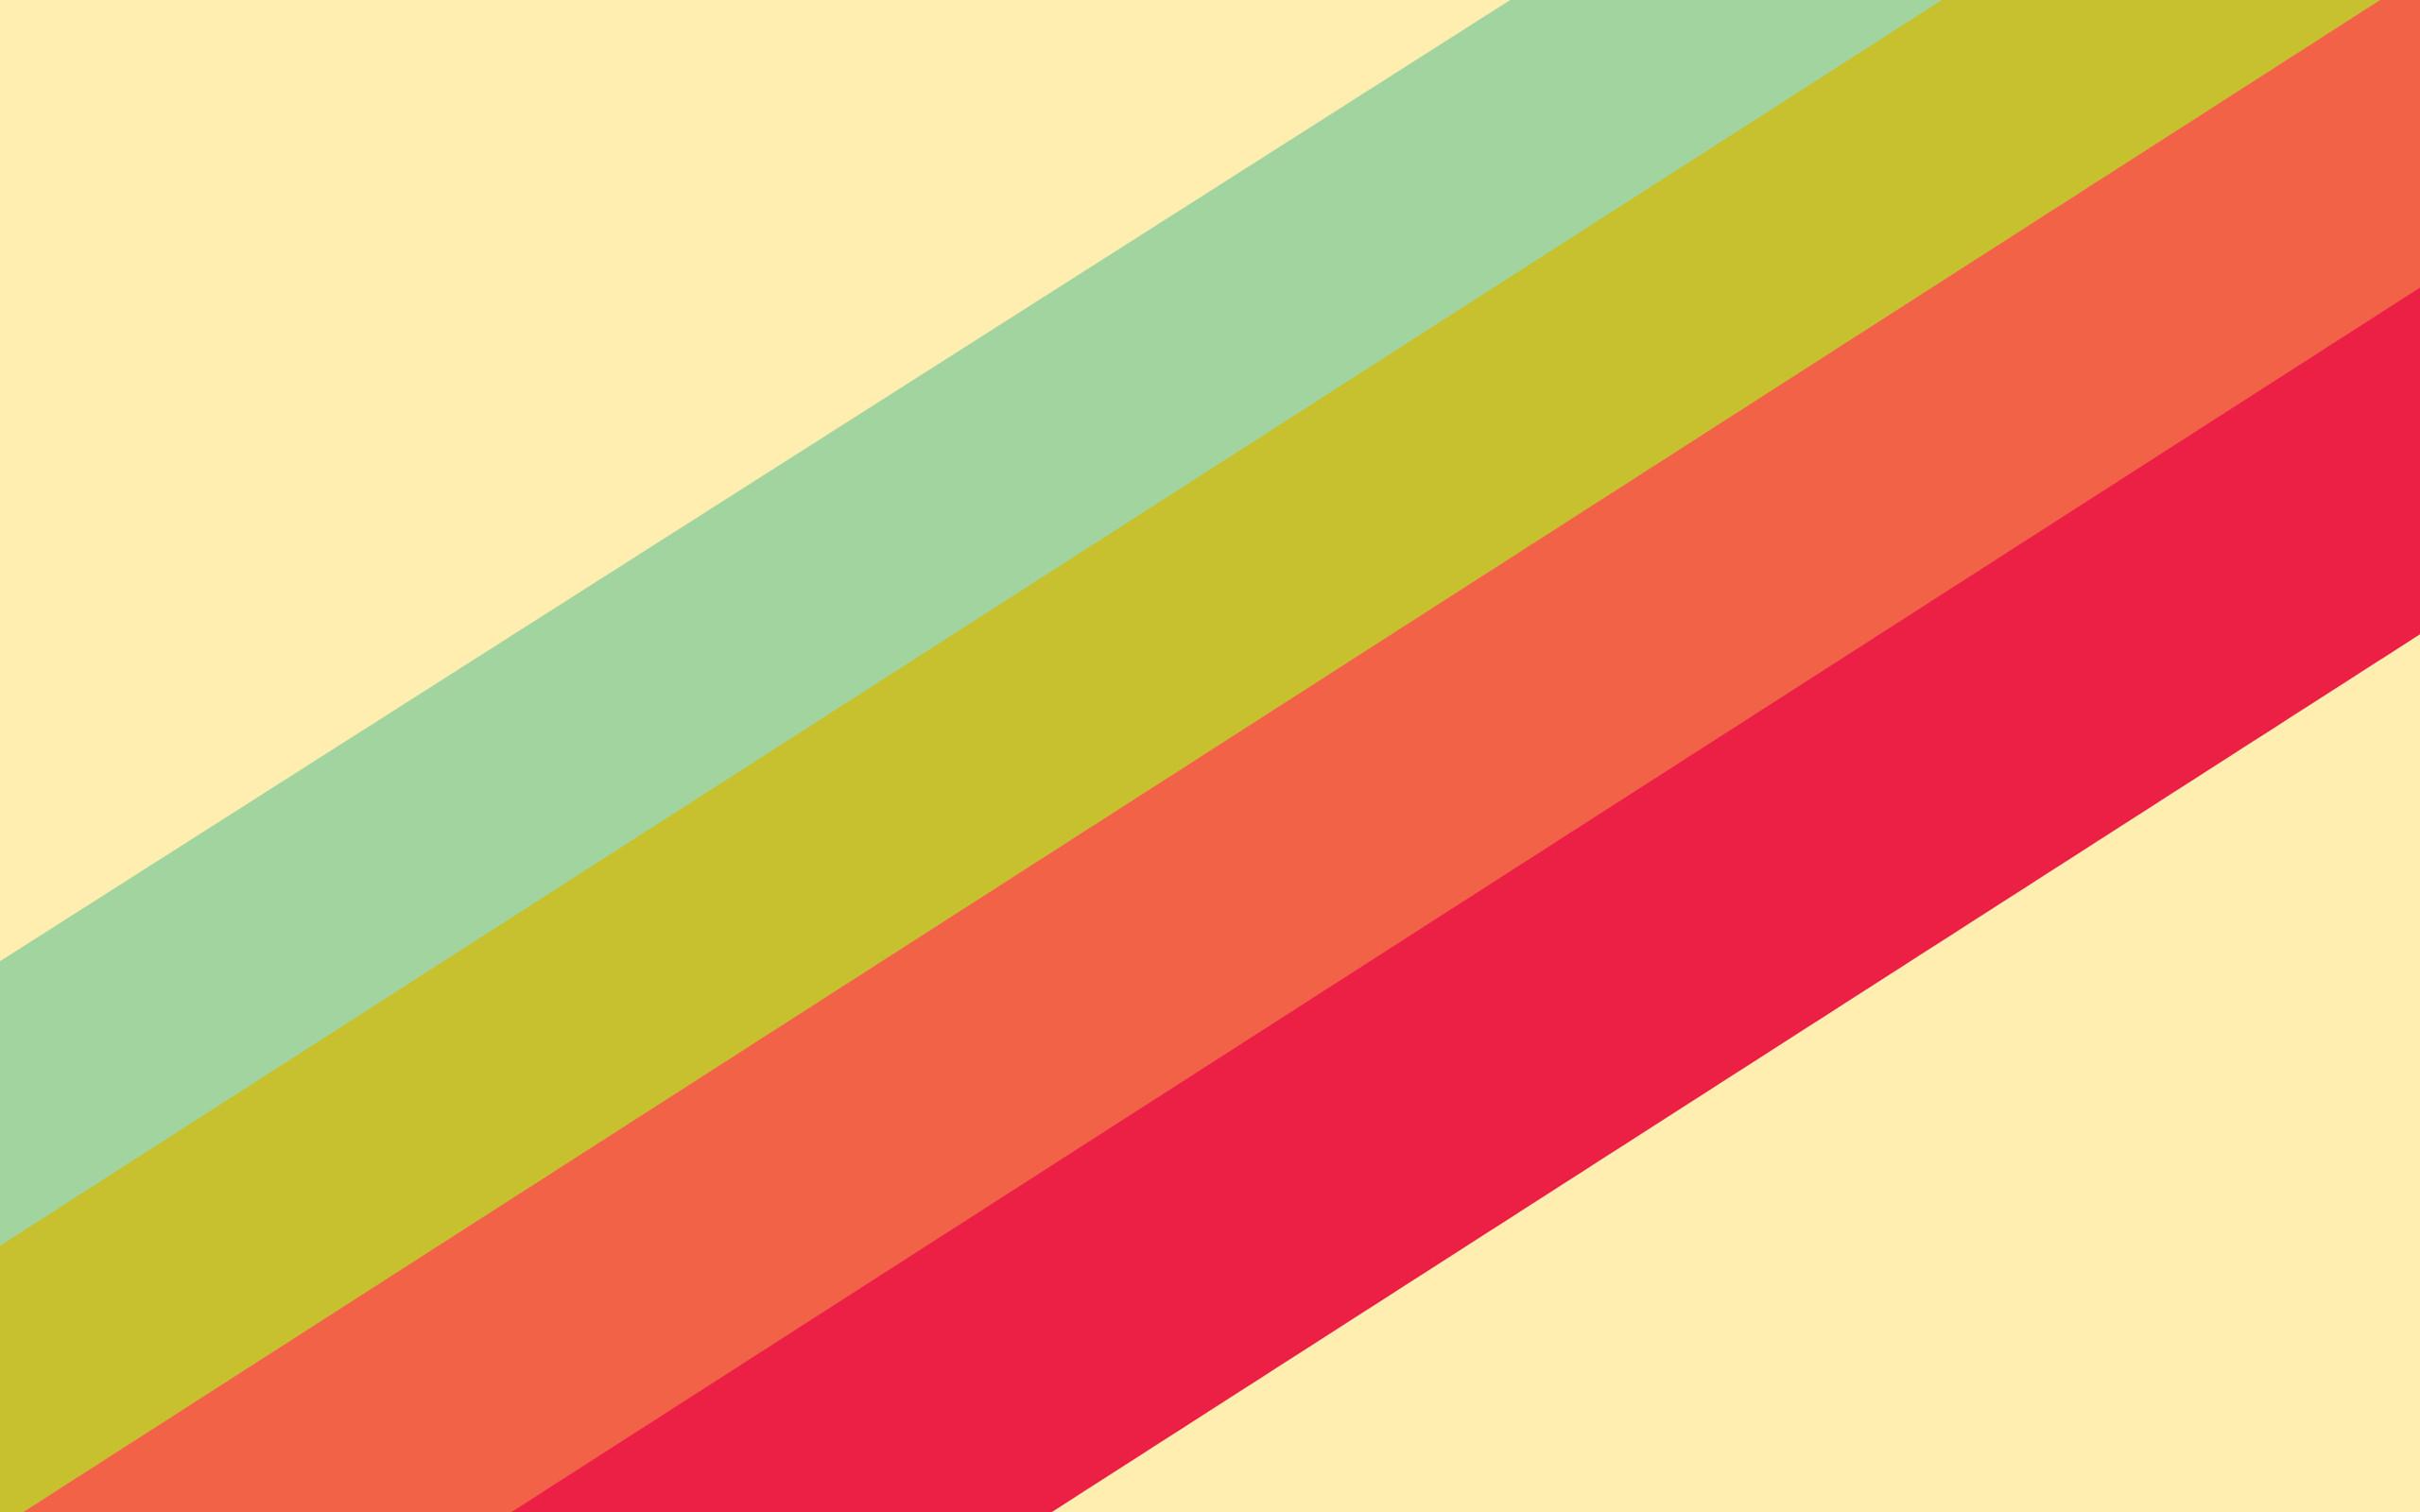 150 minimalist desktop wallpapers